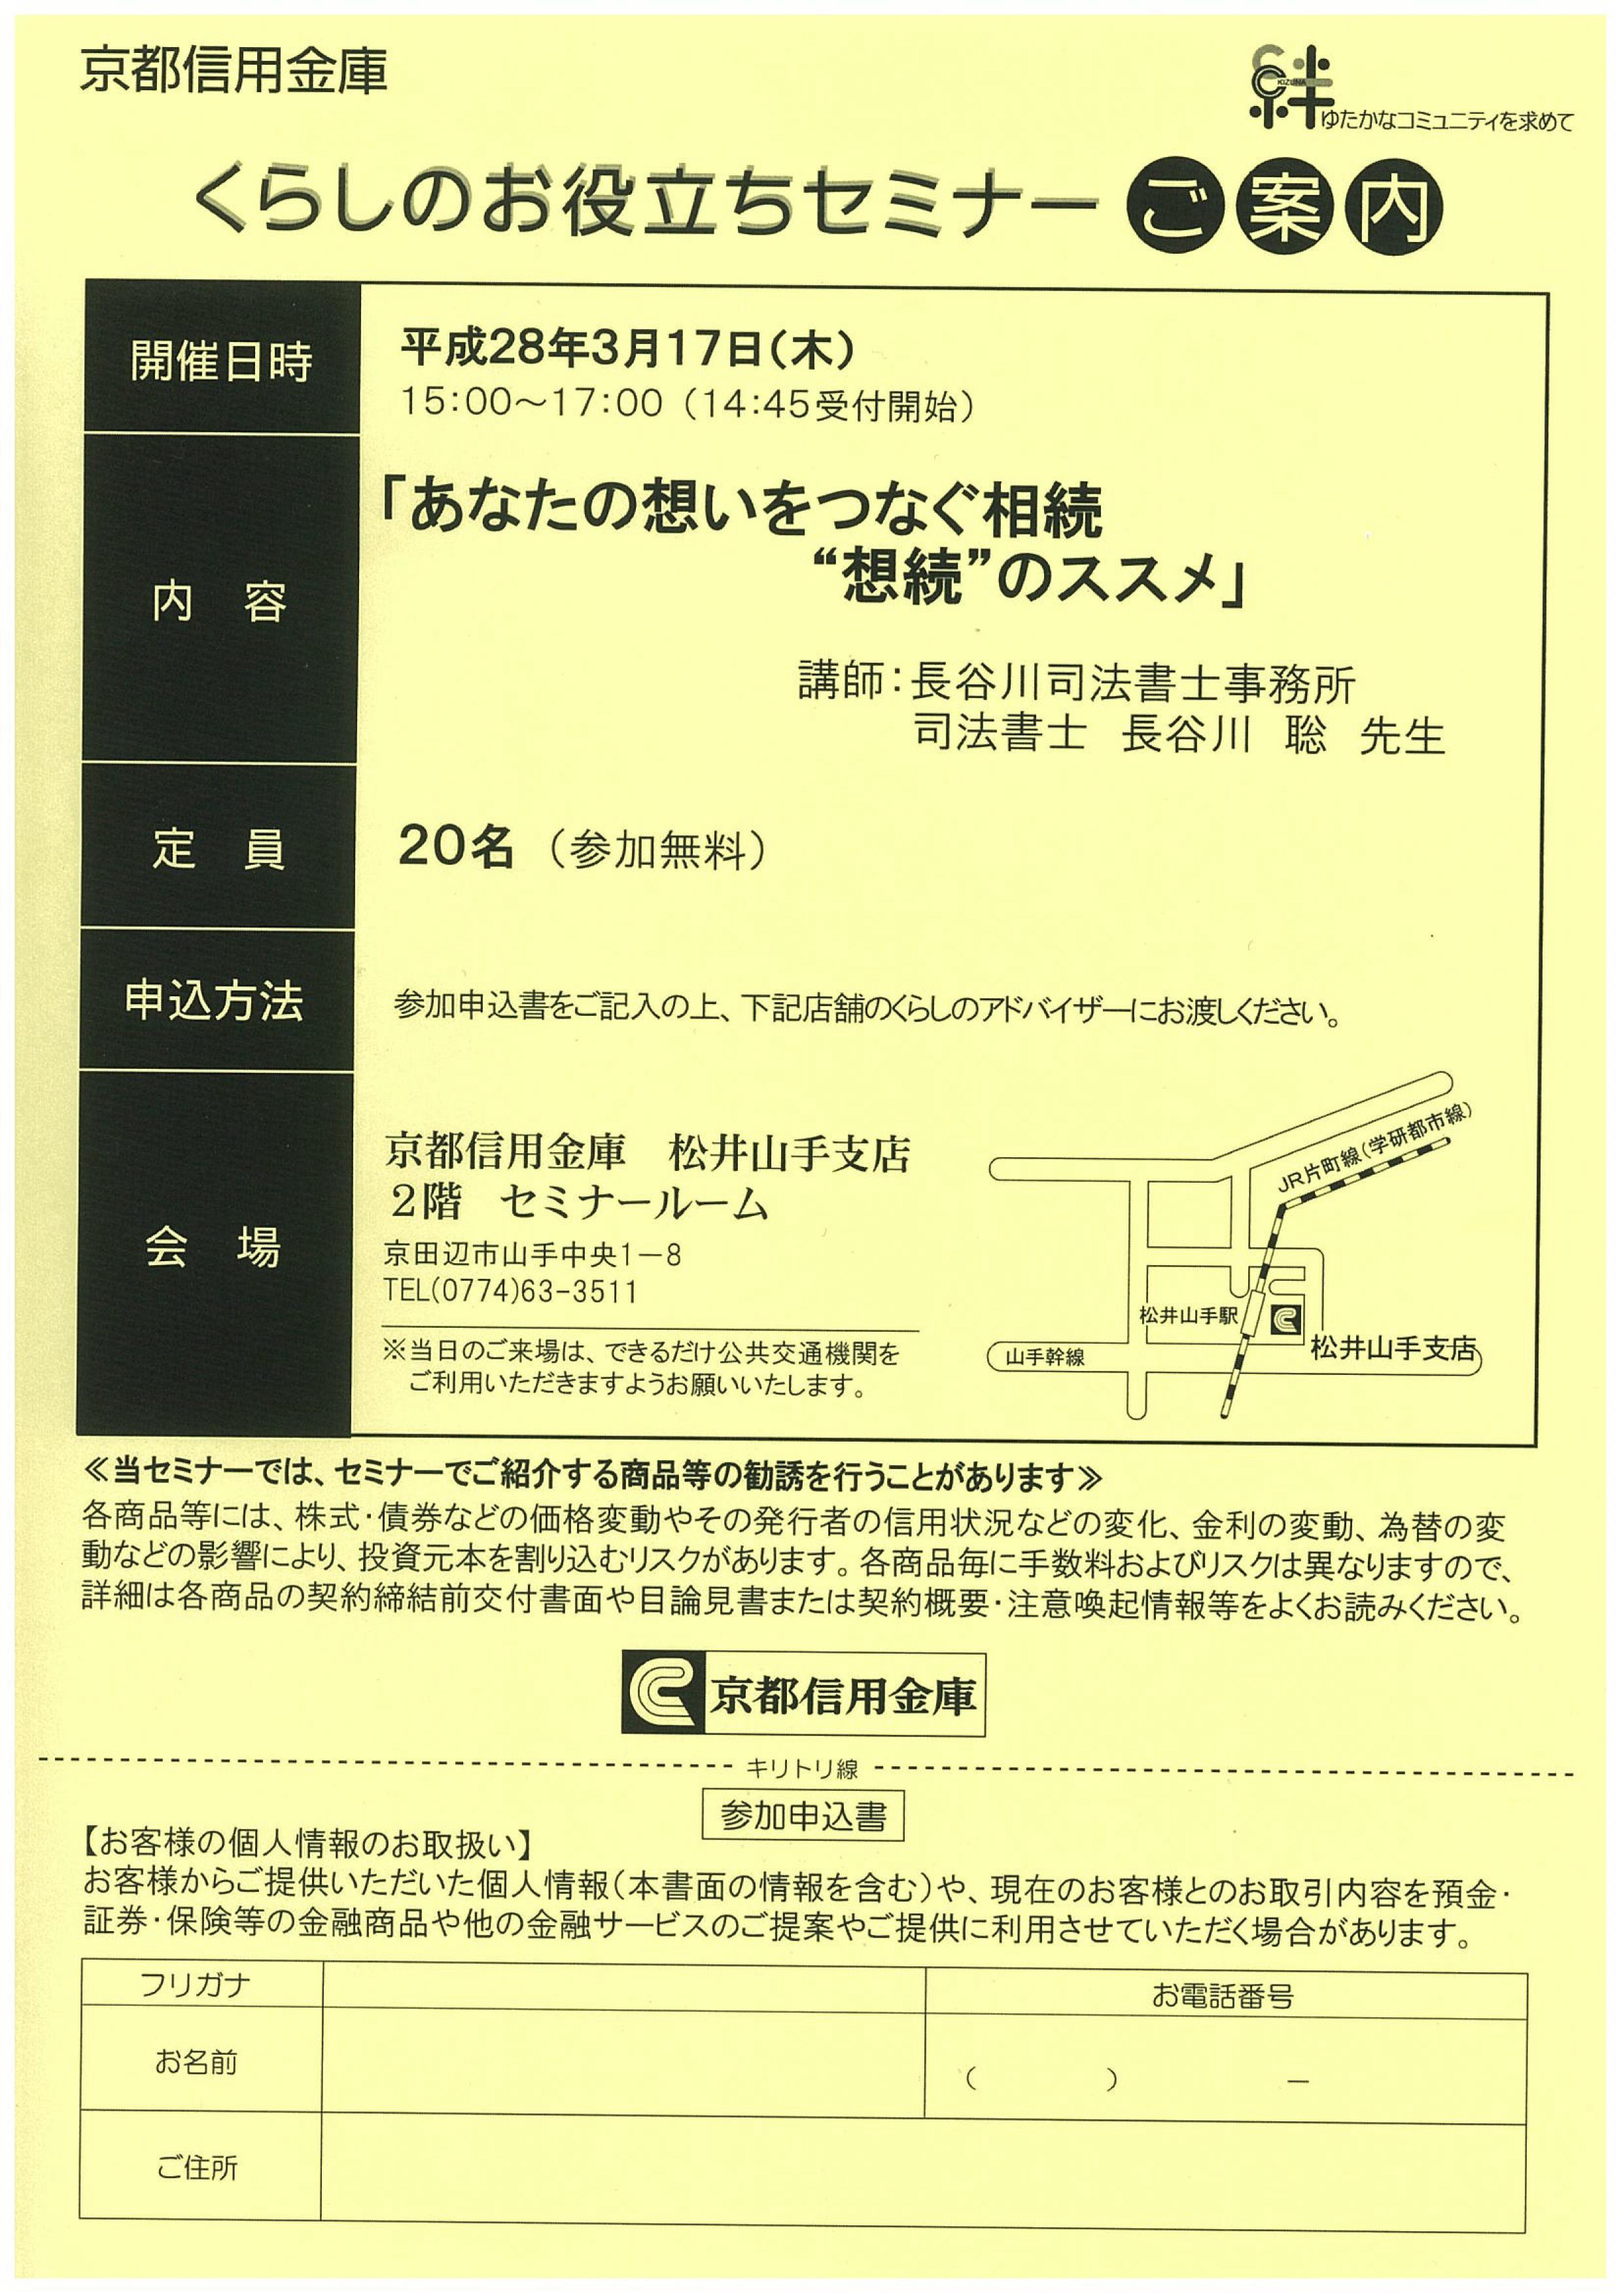 京都信用金庫 くらしのお役立ちセミナー(平成28年3月17日)